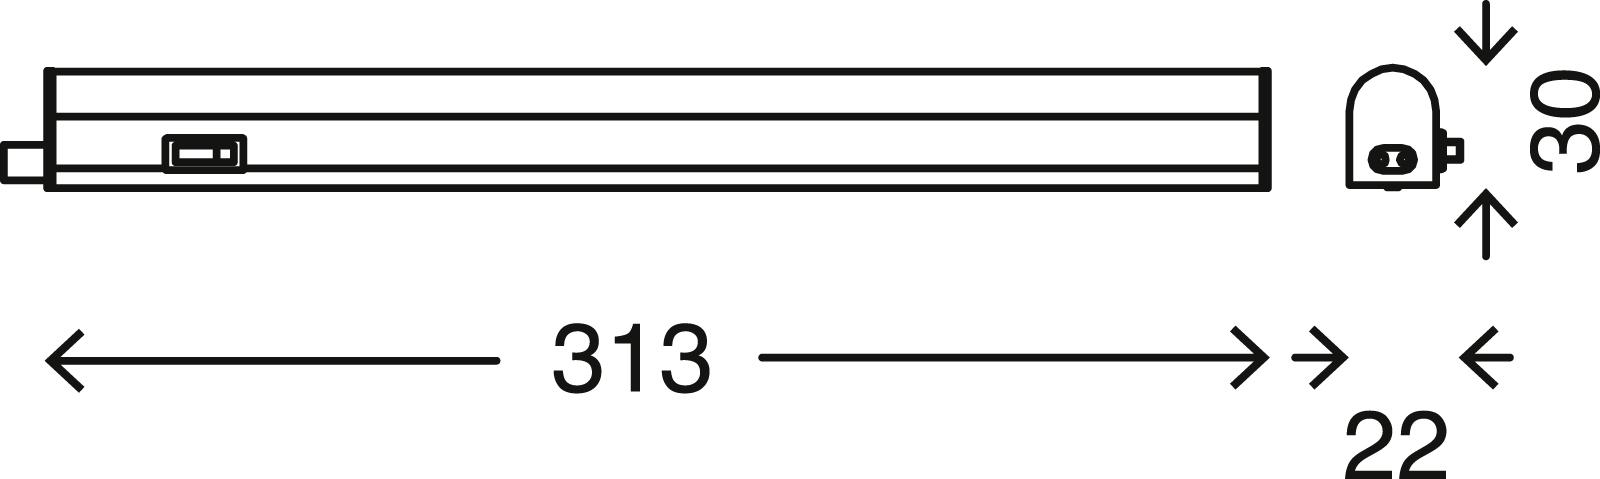 LED Unterbauleuchte, 31,3 cm, 4 W, Weiß